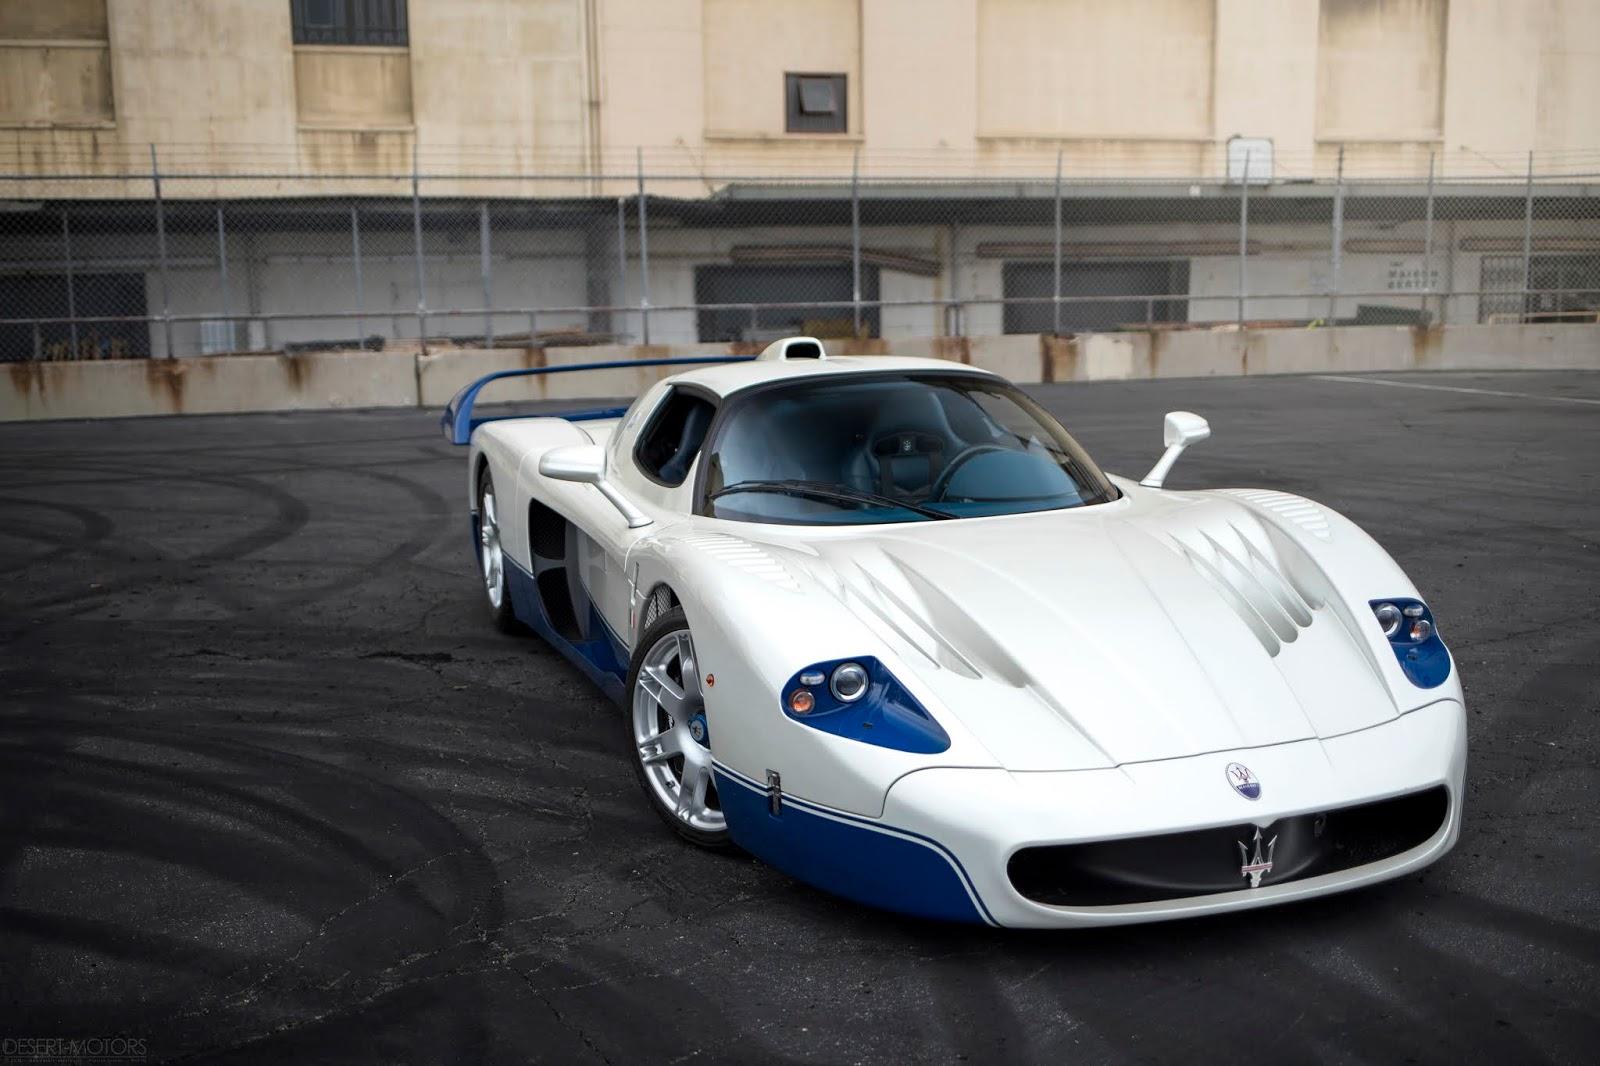 24077284664 2e782e55da o Maserati MC12. Η Enzo Aperta. Maserati, Maserati MC12, MC12, retrocar, retrocar sunday, zblog